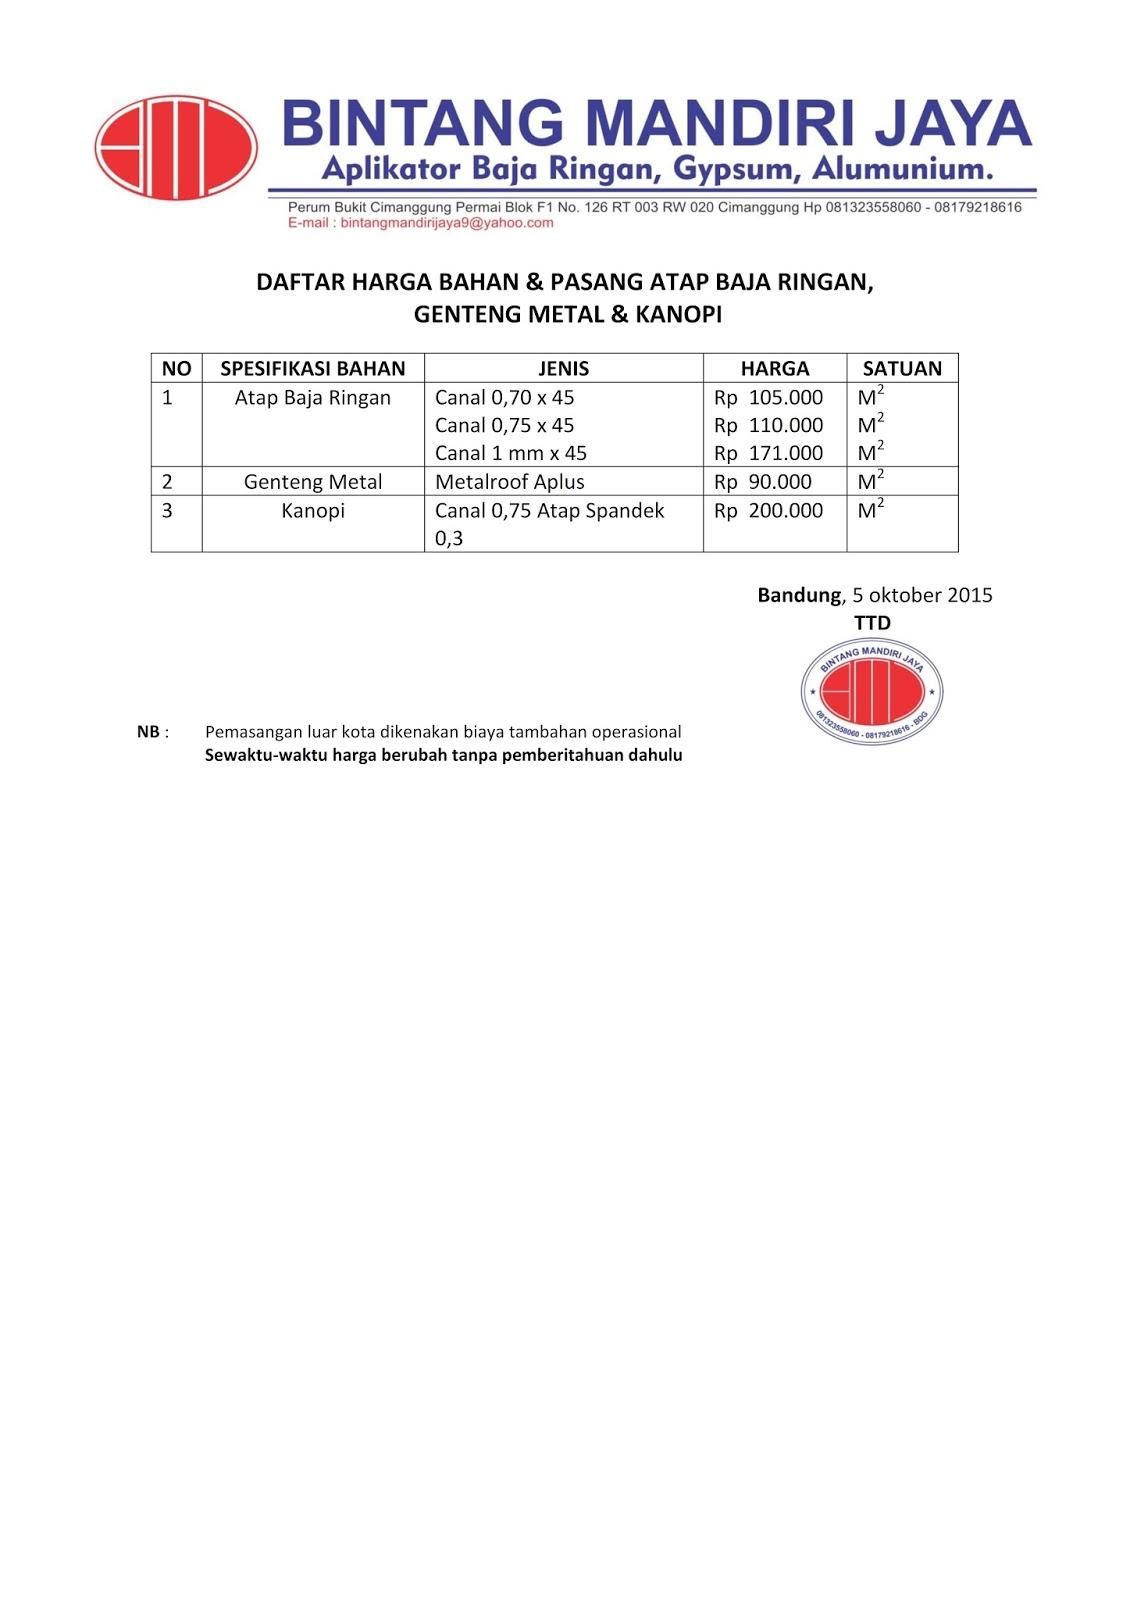 Harga Bahan Baja Ringan Bandung Cv Bintang Mandiri Jaya Daftar Dan Pemasangan